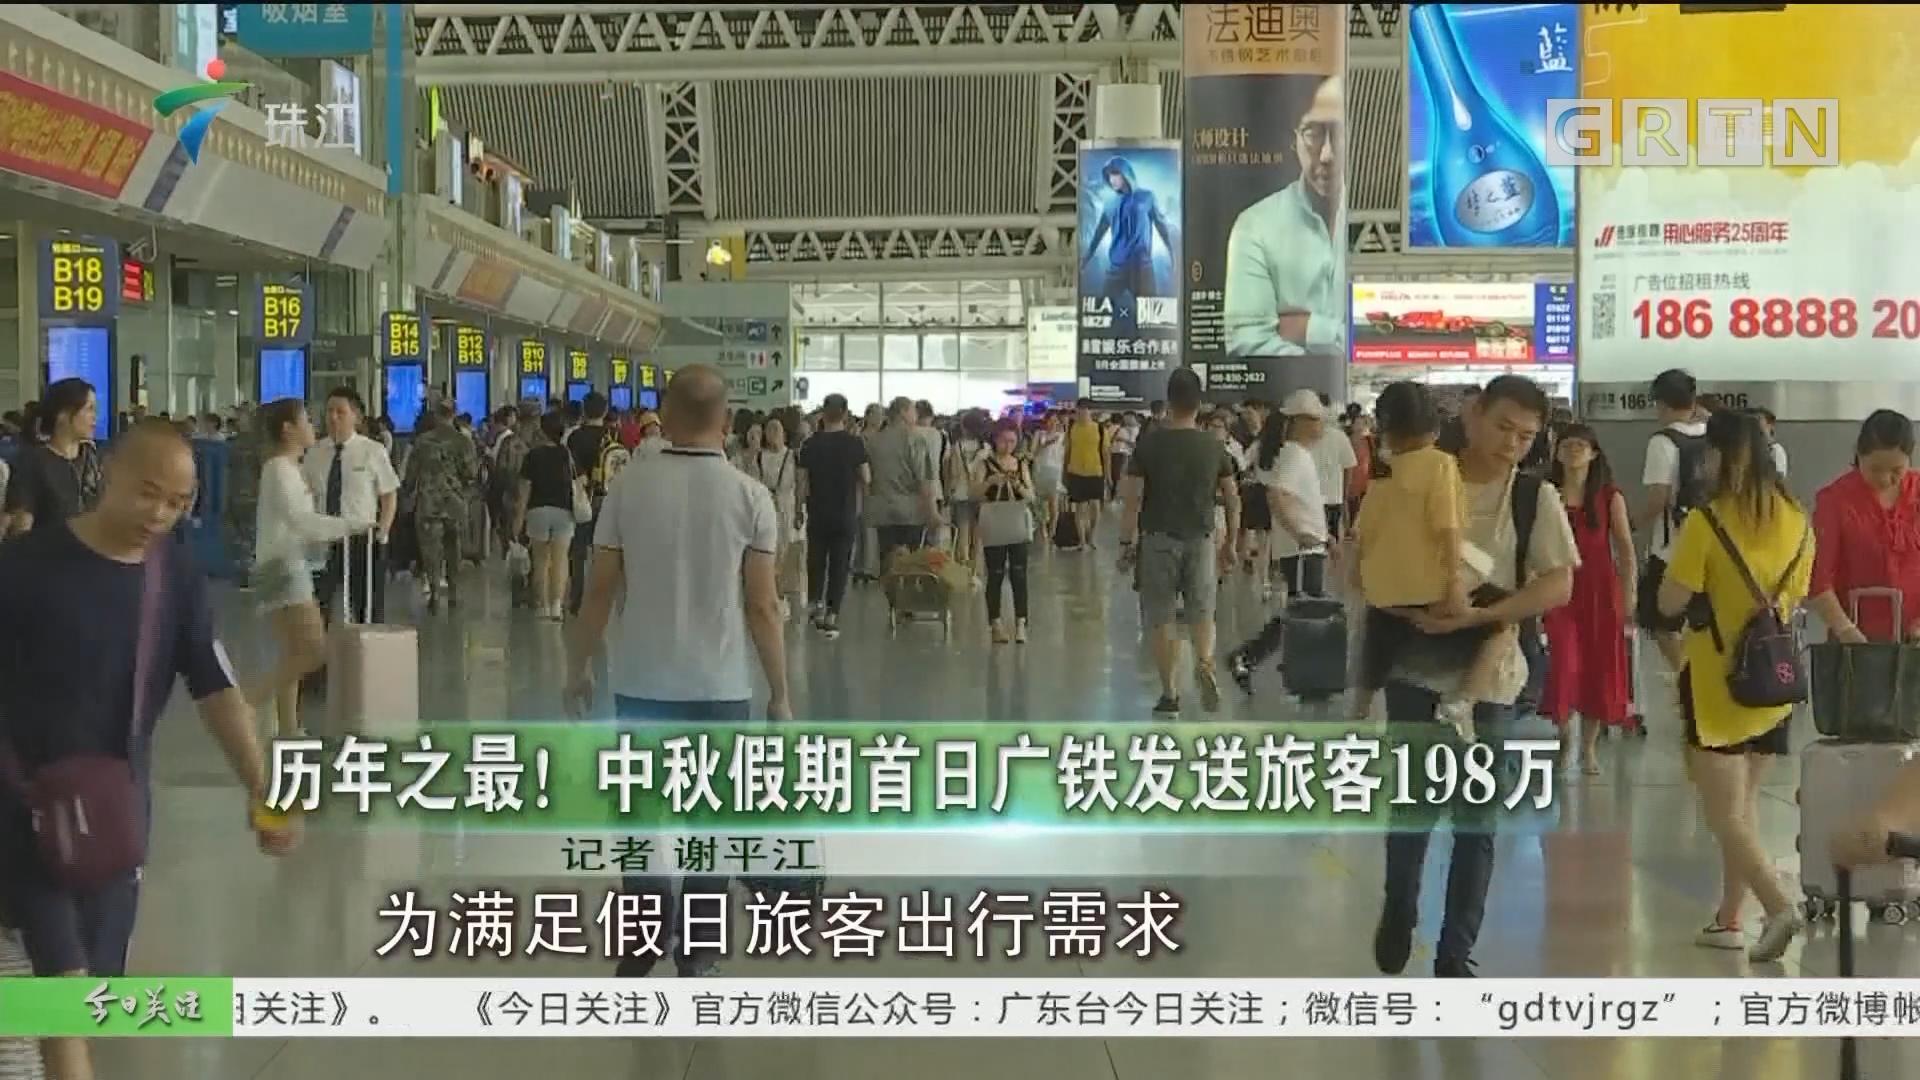 历年之最!中秋假期首日广铁发送旅客198万